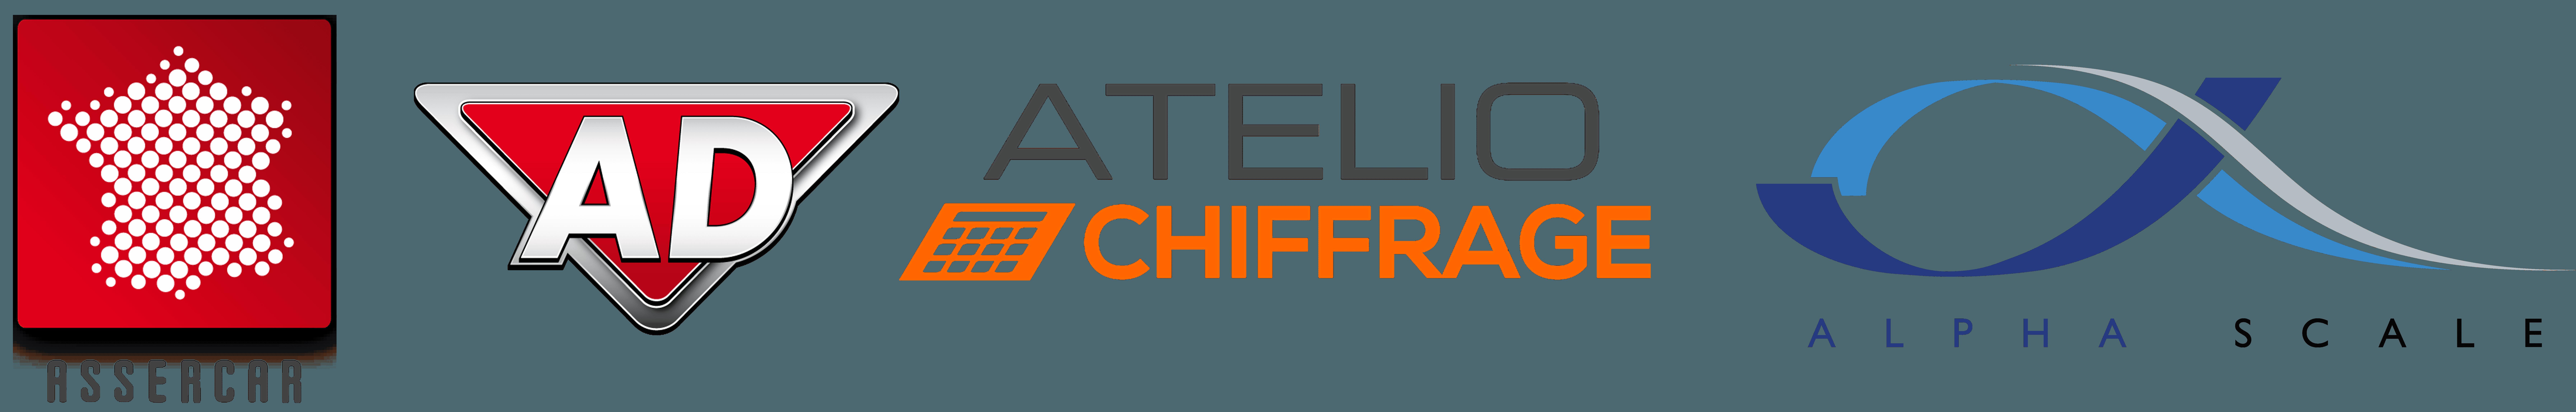 bande-logos-partenaires-solutions-cvhu-comment-vendre-opisto-pro